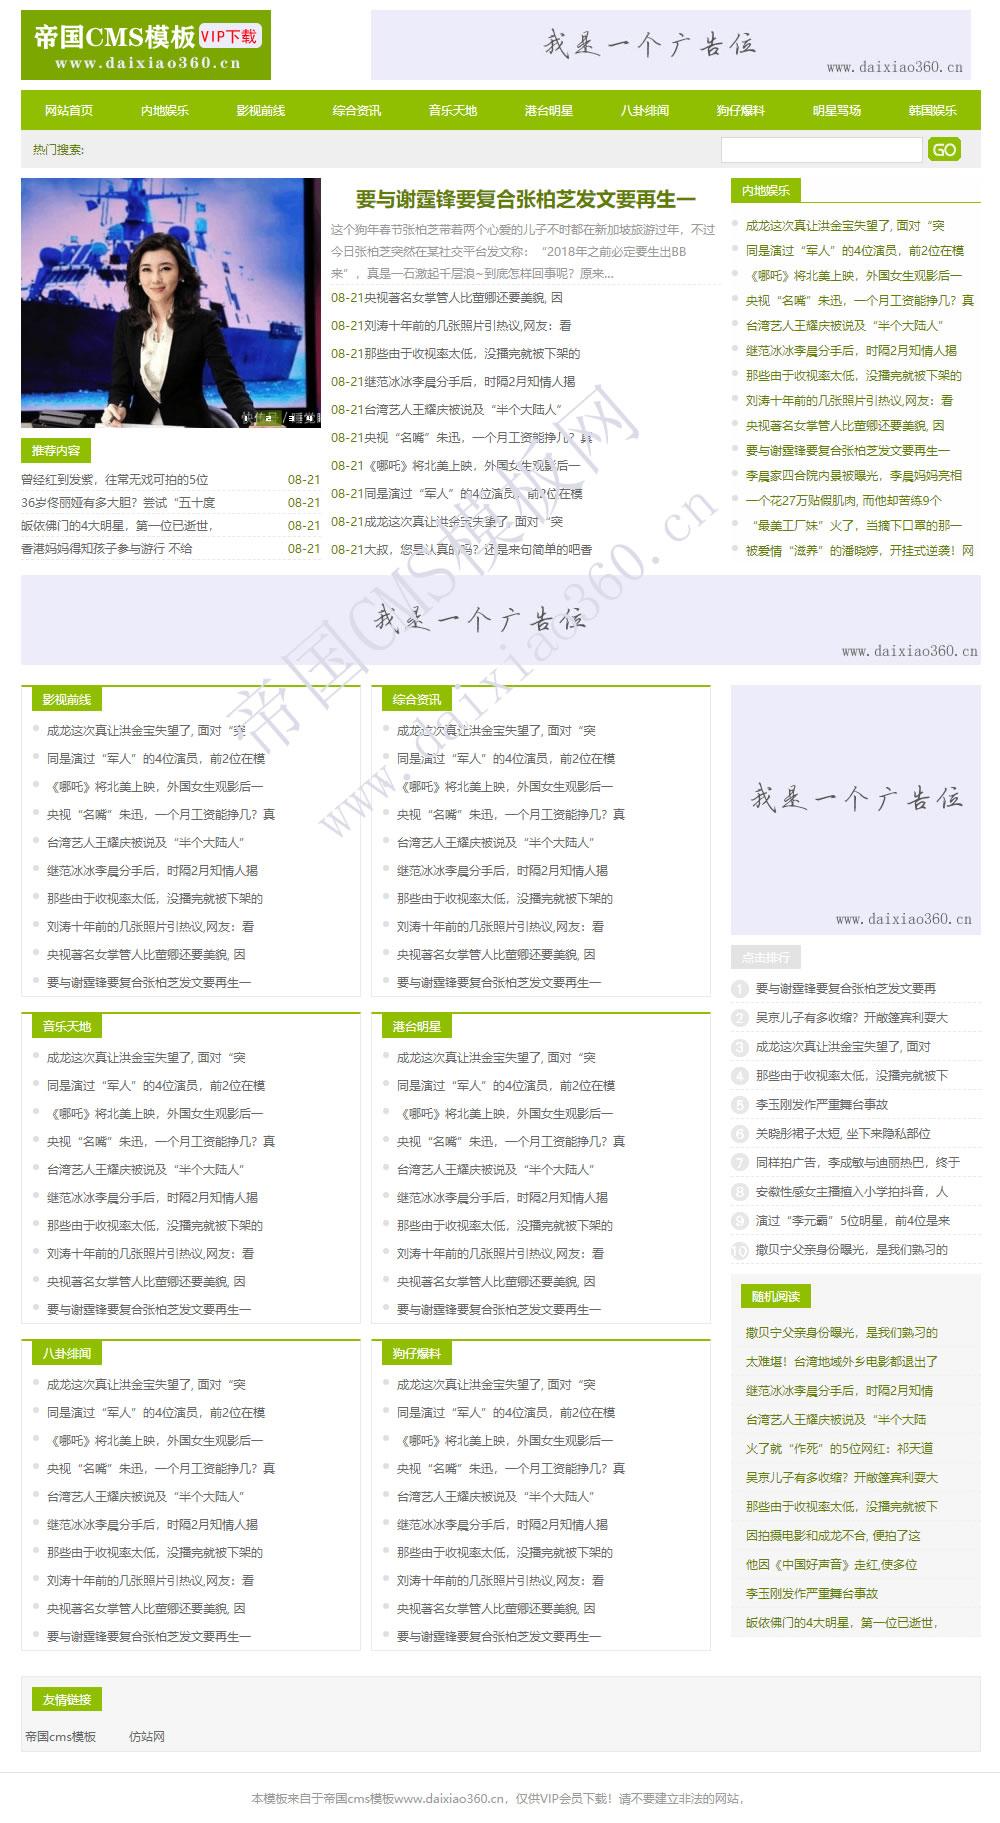 帝国cms7.5免费模板之绿色新闻资讯类型文章网站模板